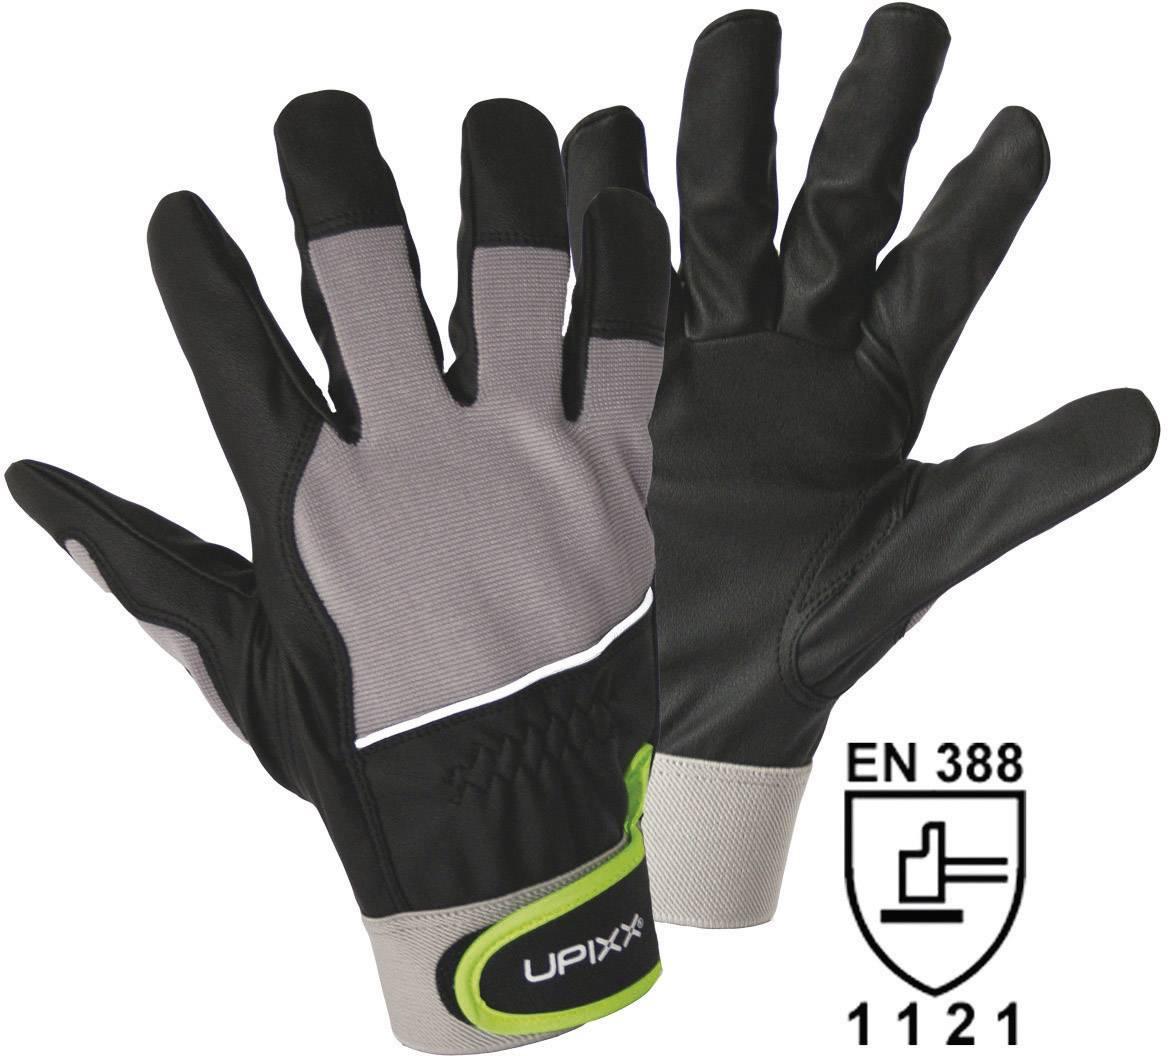 Pracovní rukavice Upixx Touch Grip 1190, velikost rukavic: 10, XL